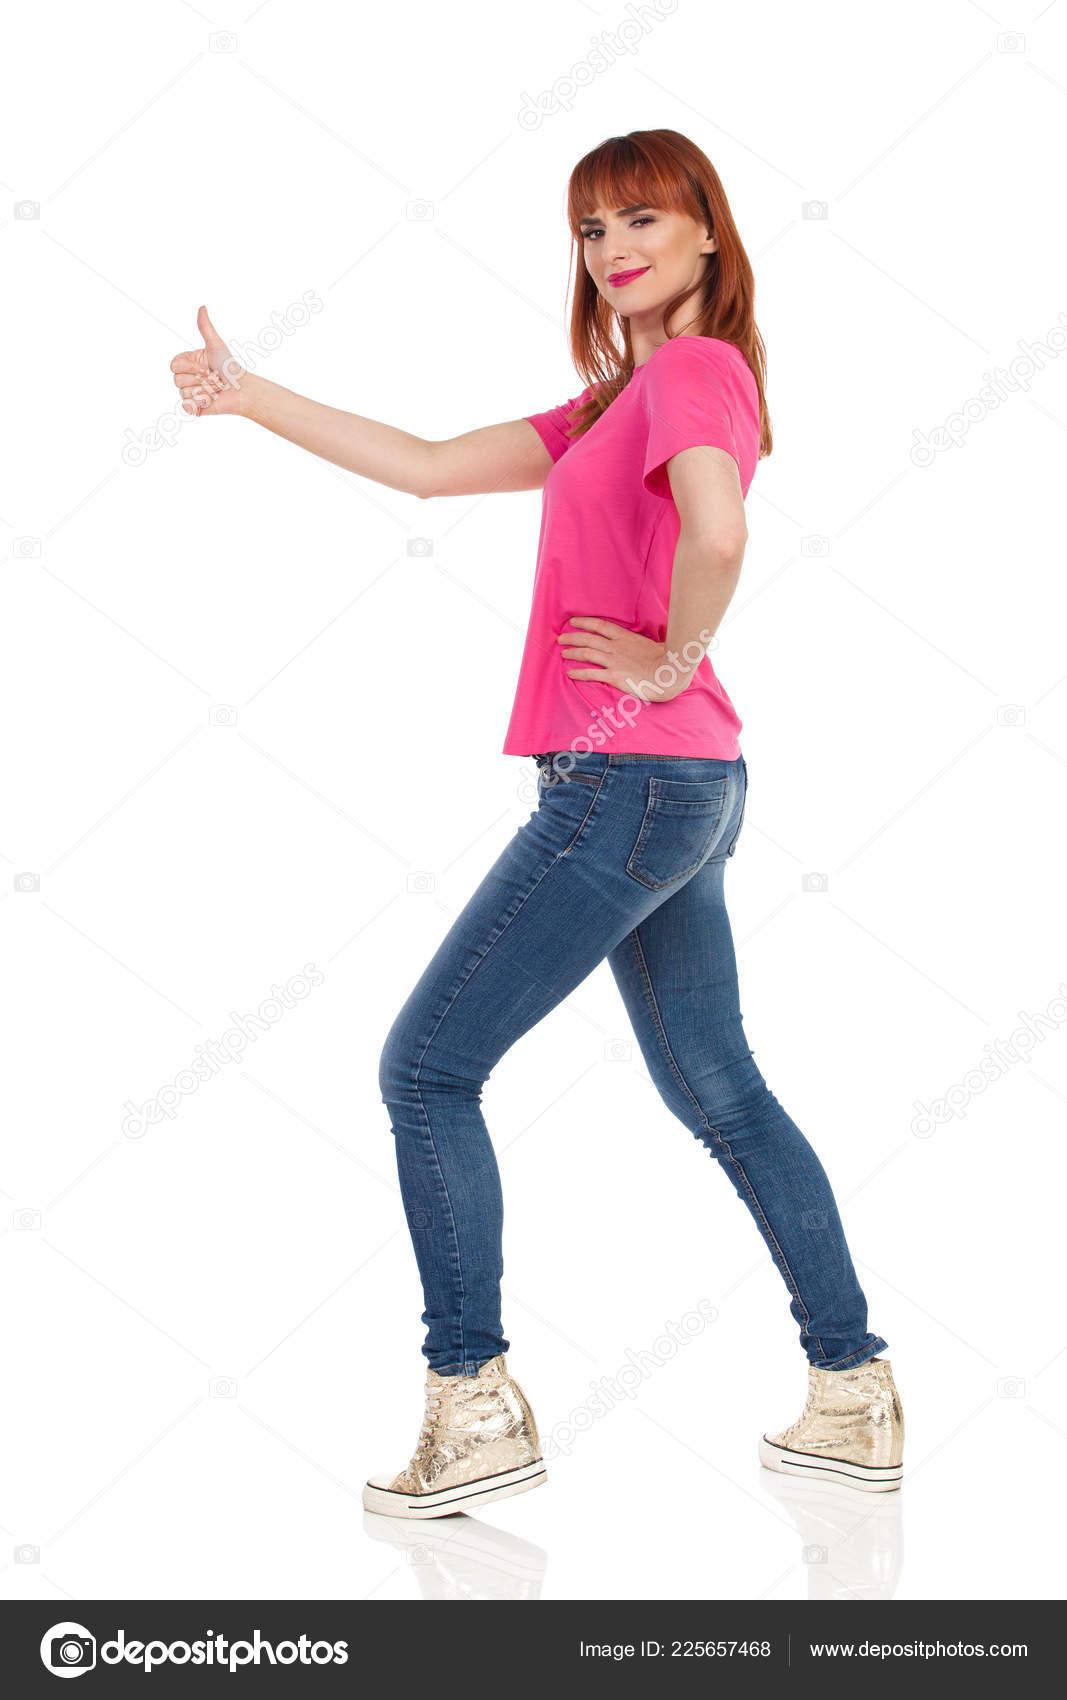 8d5602495685 Υπερηφάνεια Νεαρή Γυναίκα Ροζ Μπλουζάκι Τζιν Και Χρυσό Πάνινα Παπούτσια —  Φωτογραφία Αρχείου